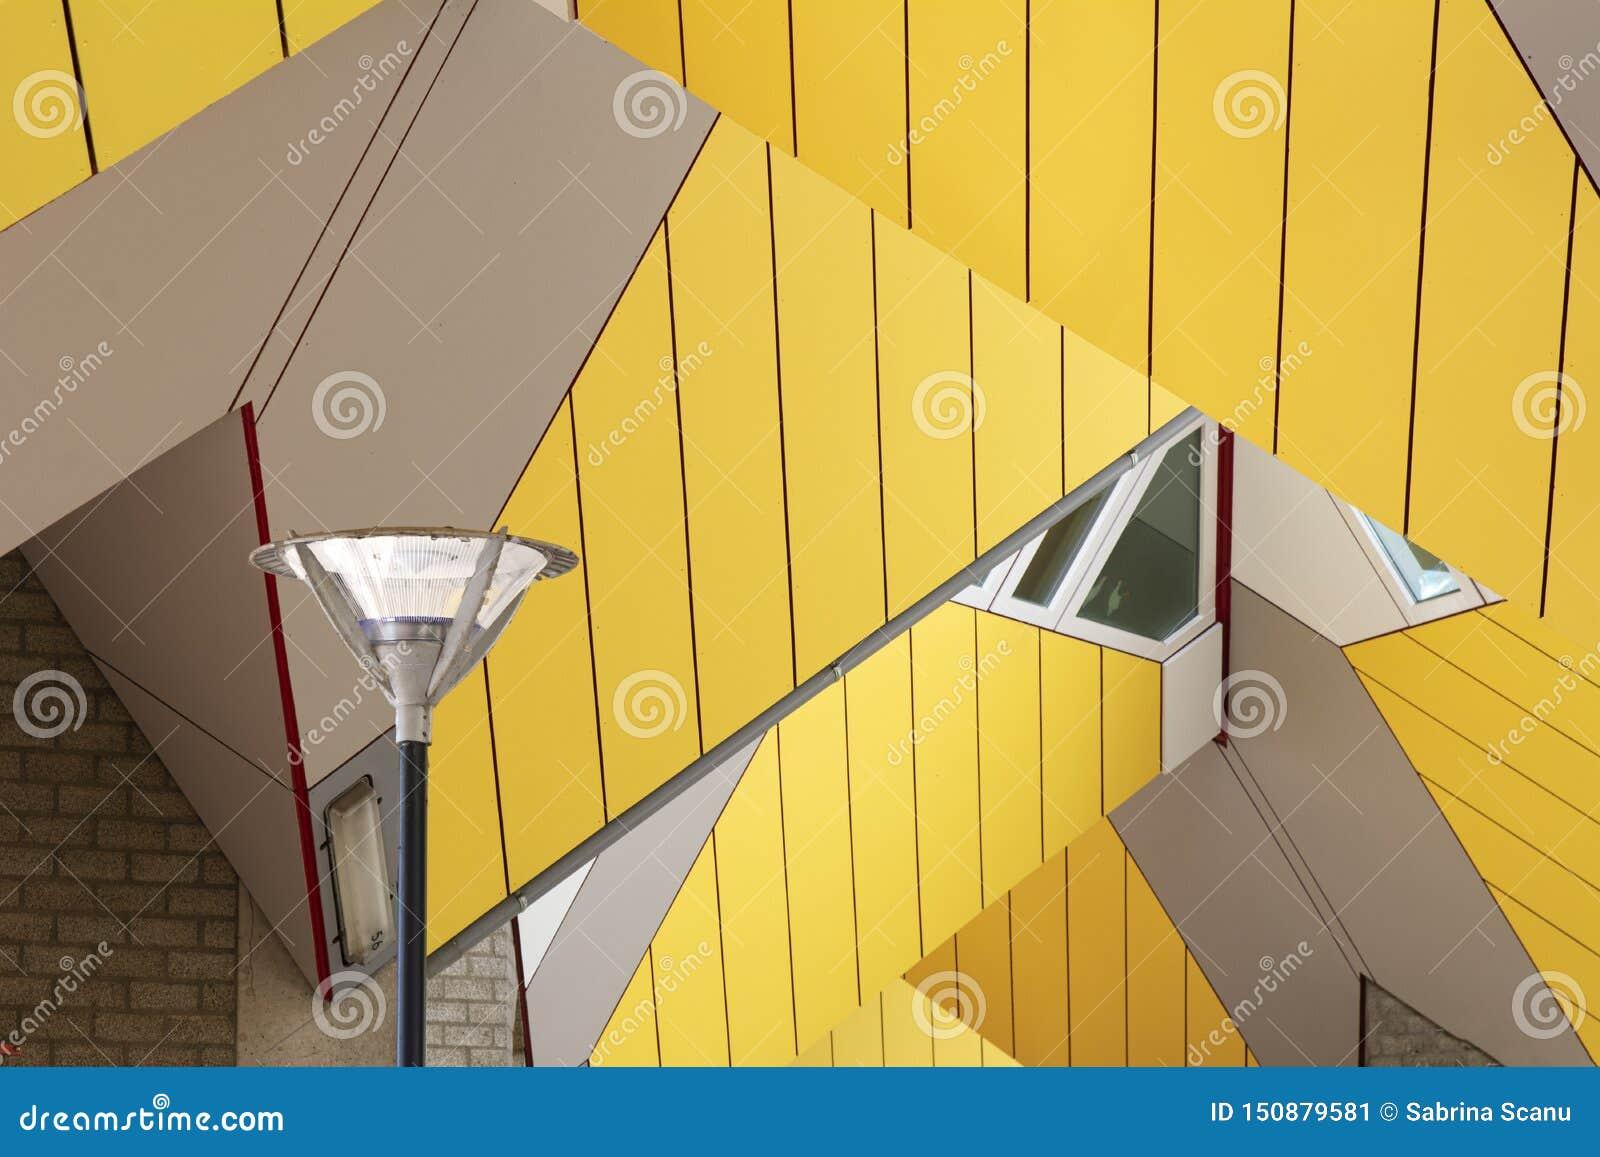 Rotterdam, Holanda/Países Baixos - 26 de abril de 2019: apartamentos e escritórios dentro das casas cúbicas de Rotterdam, cidade